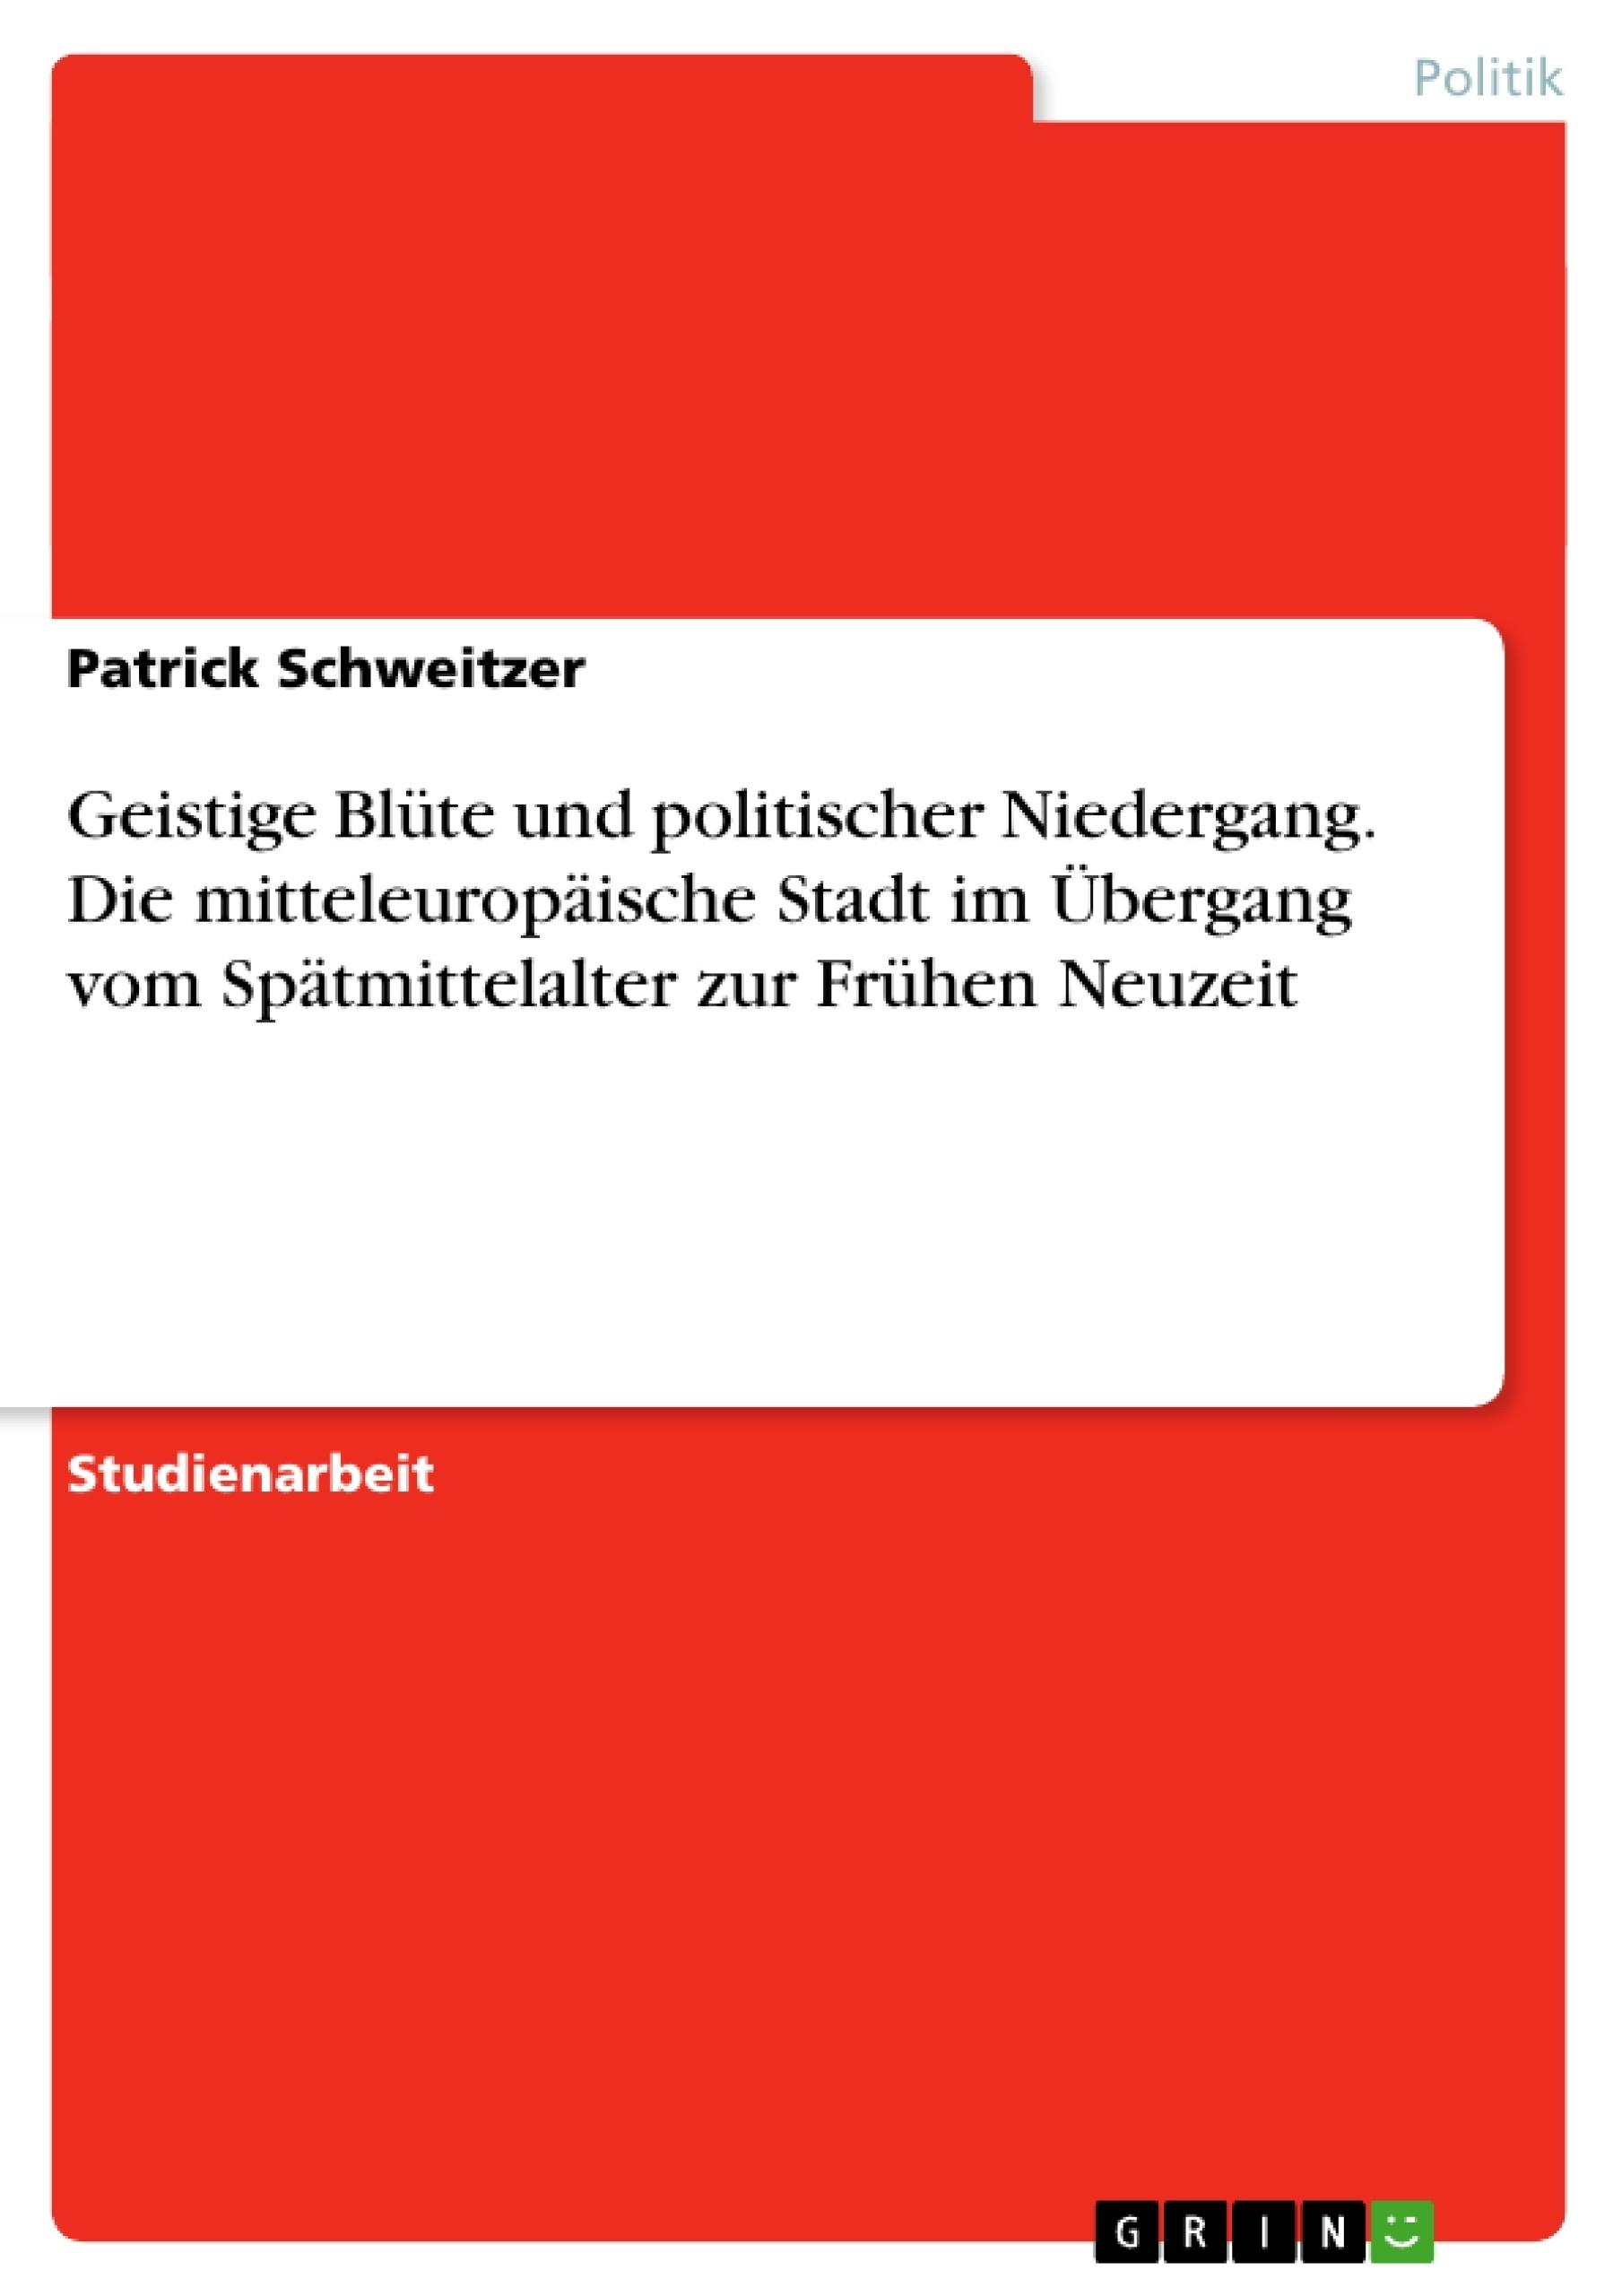 Titel: Geistige Blüte und politischer Niedergang. Die mitteleuropäische Stadt im Übergang vom Spätmittelalter zur Frühen Neuzeit